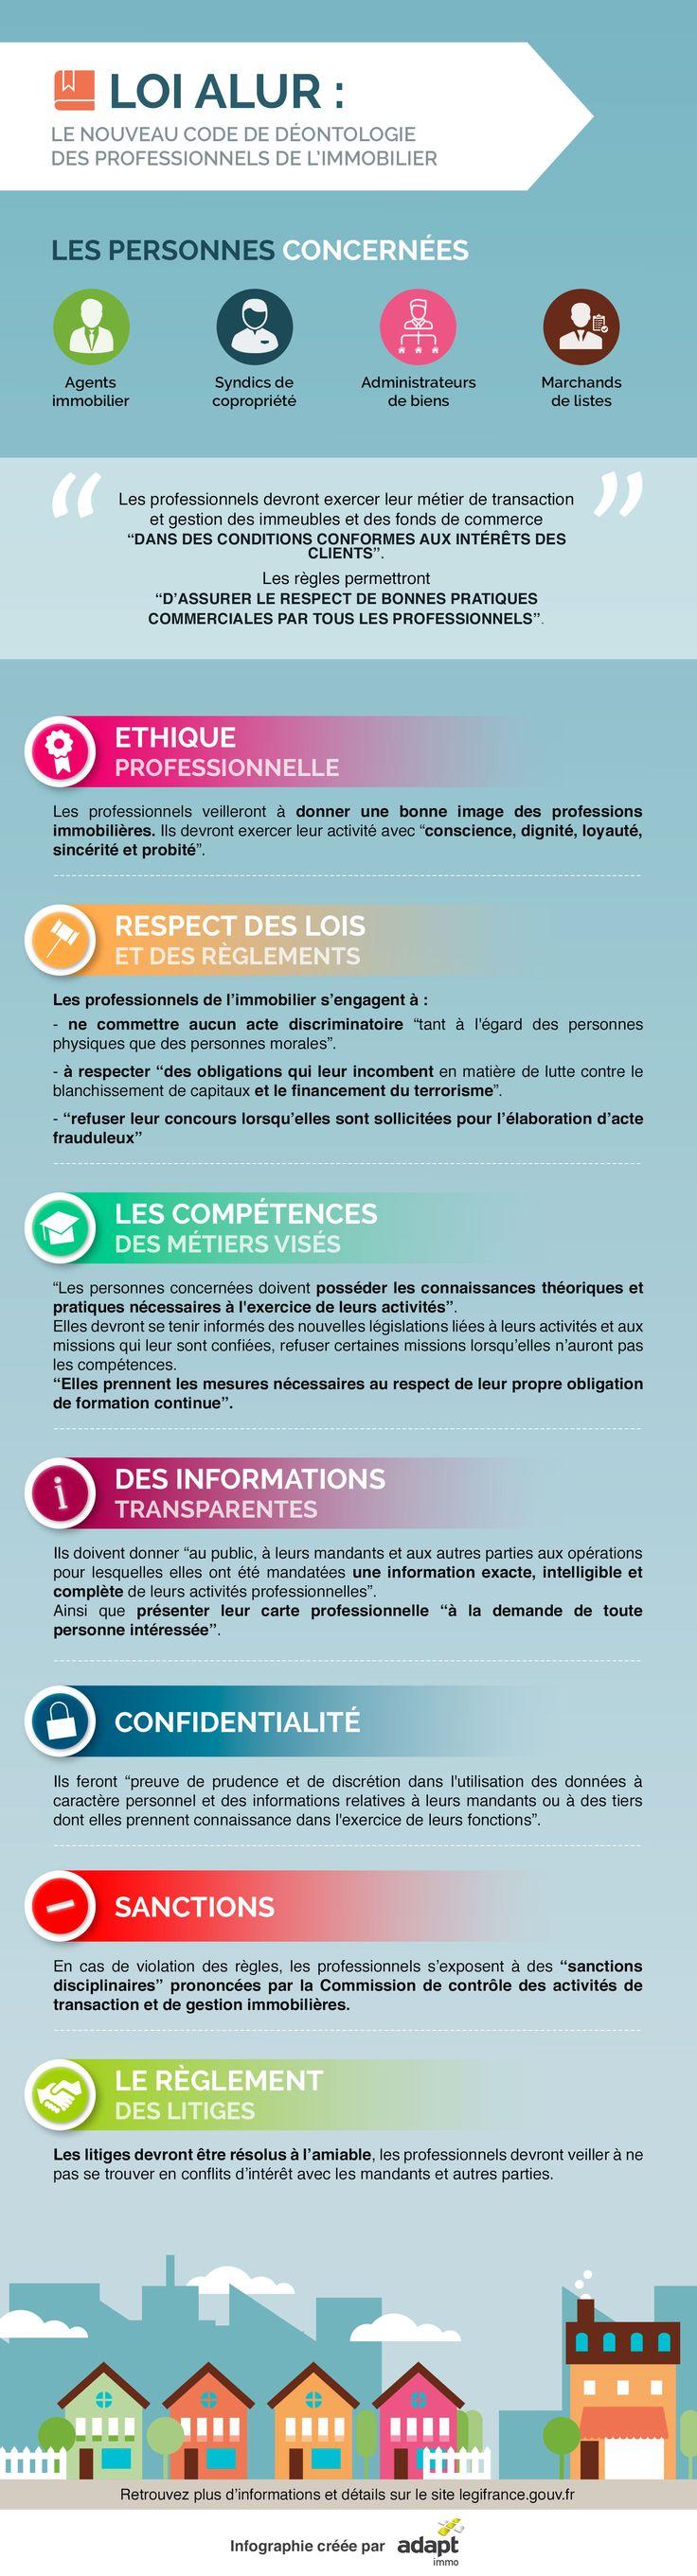 #infographie  Découvrez le code de déontologie des professionnels de l'immobilier.   #immobilier #loi #alur #agentimmobilier #infographic #realestate #agent